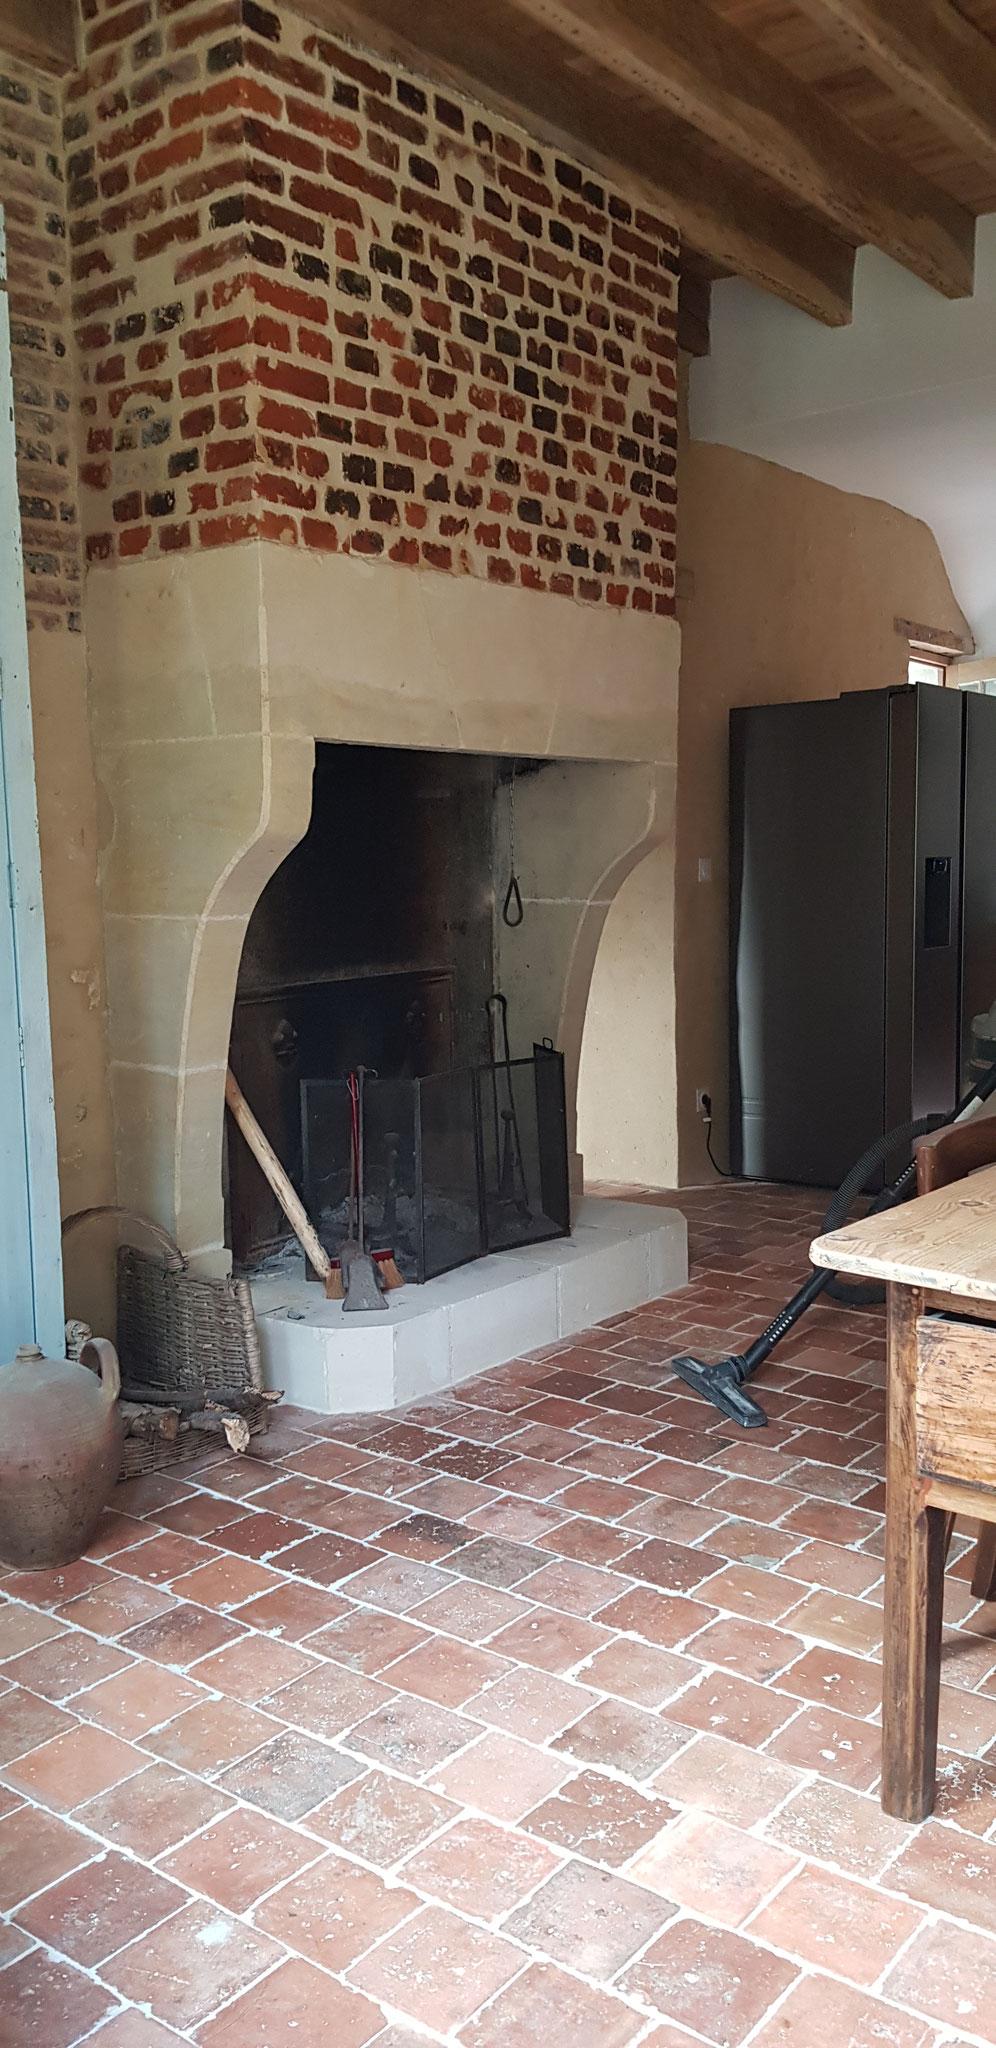 Rénovation terminée aprés travaux, faux appareillages pierres de taille, piquetage du manteau jointoiement des briques de parement